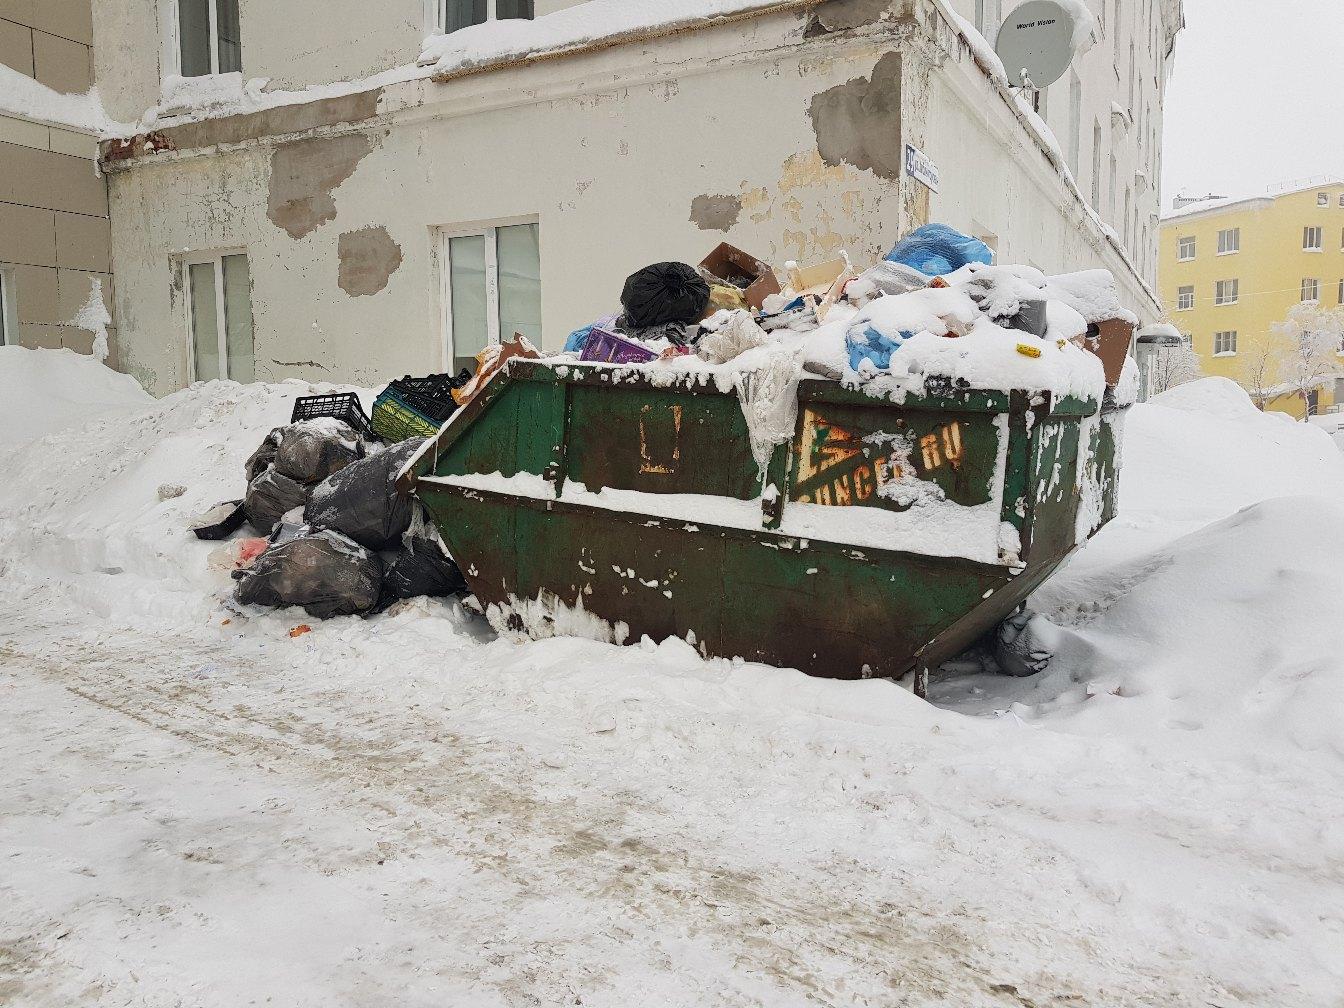 Юрий Кузин: «снежное» интервью, изображение №8